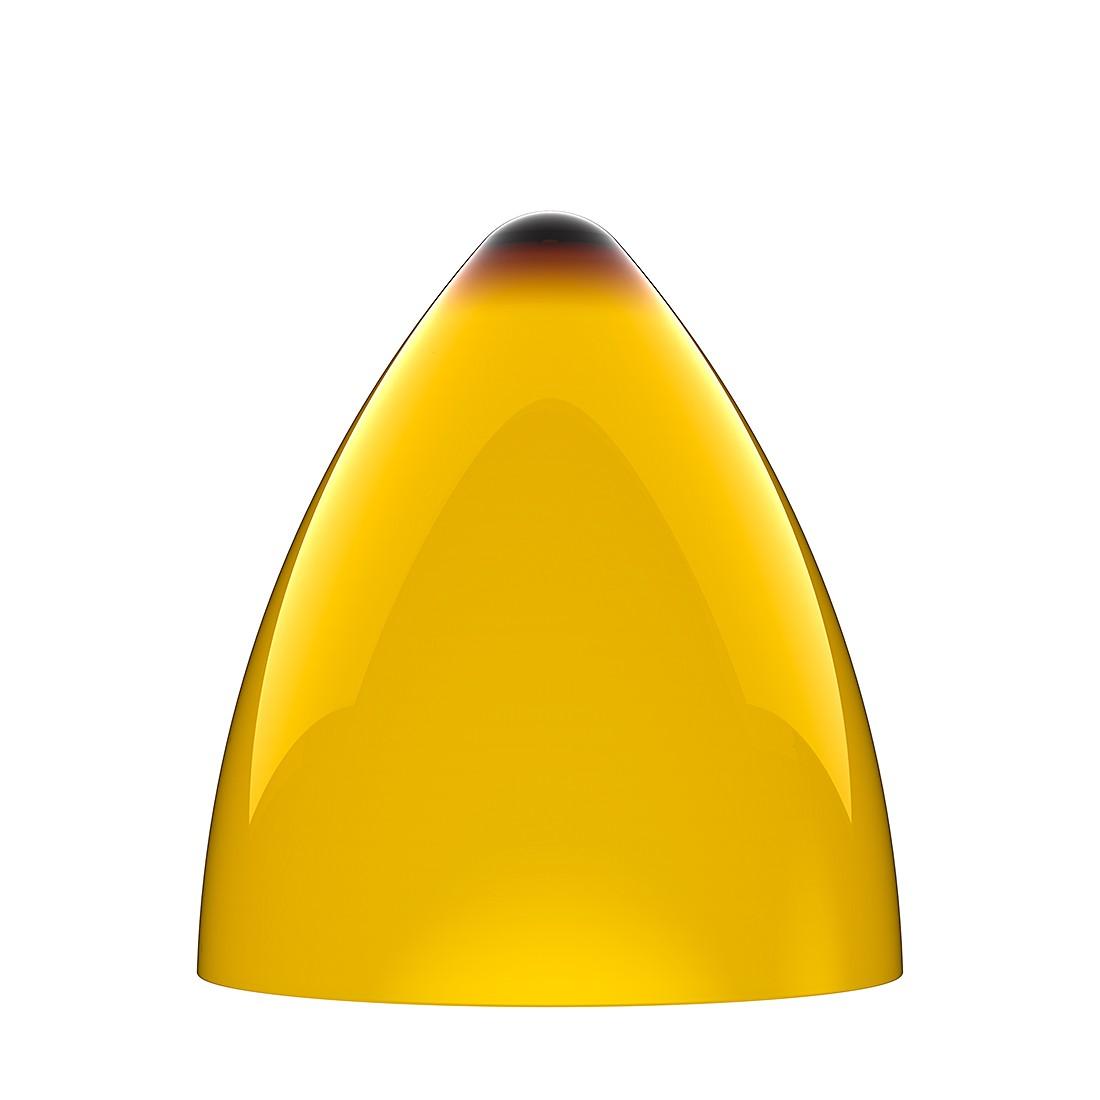 Leuchtschirm Funk ● Acryl Gelb ● Durchmesser 27cm- Nordlux